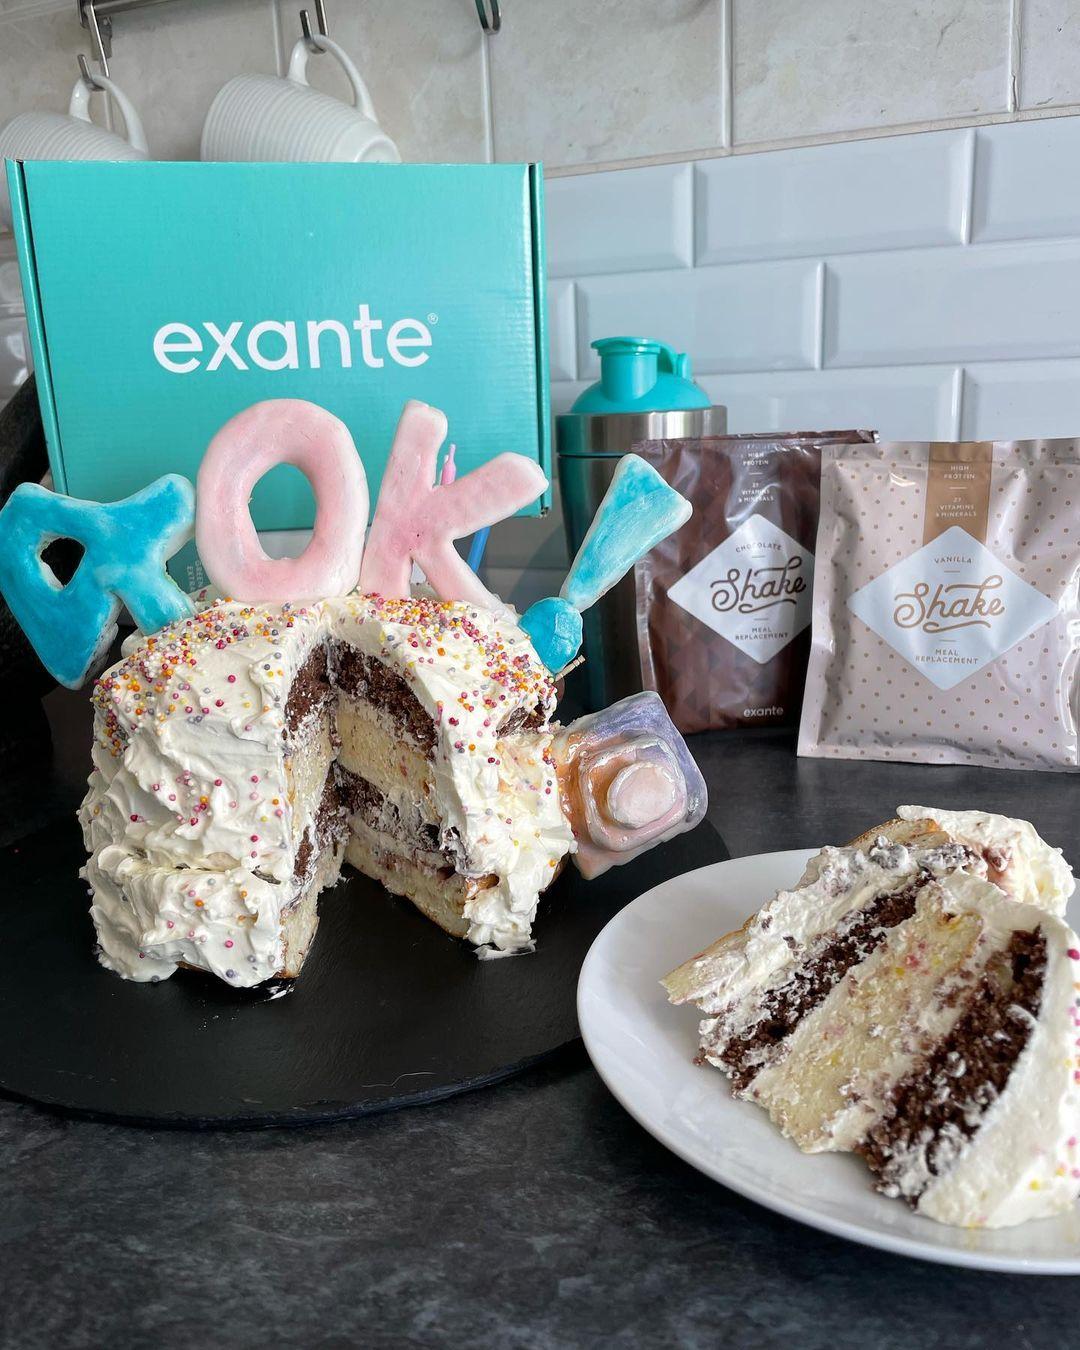 Bake your own exante cake